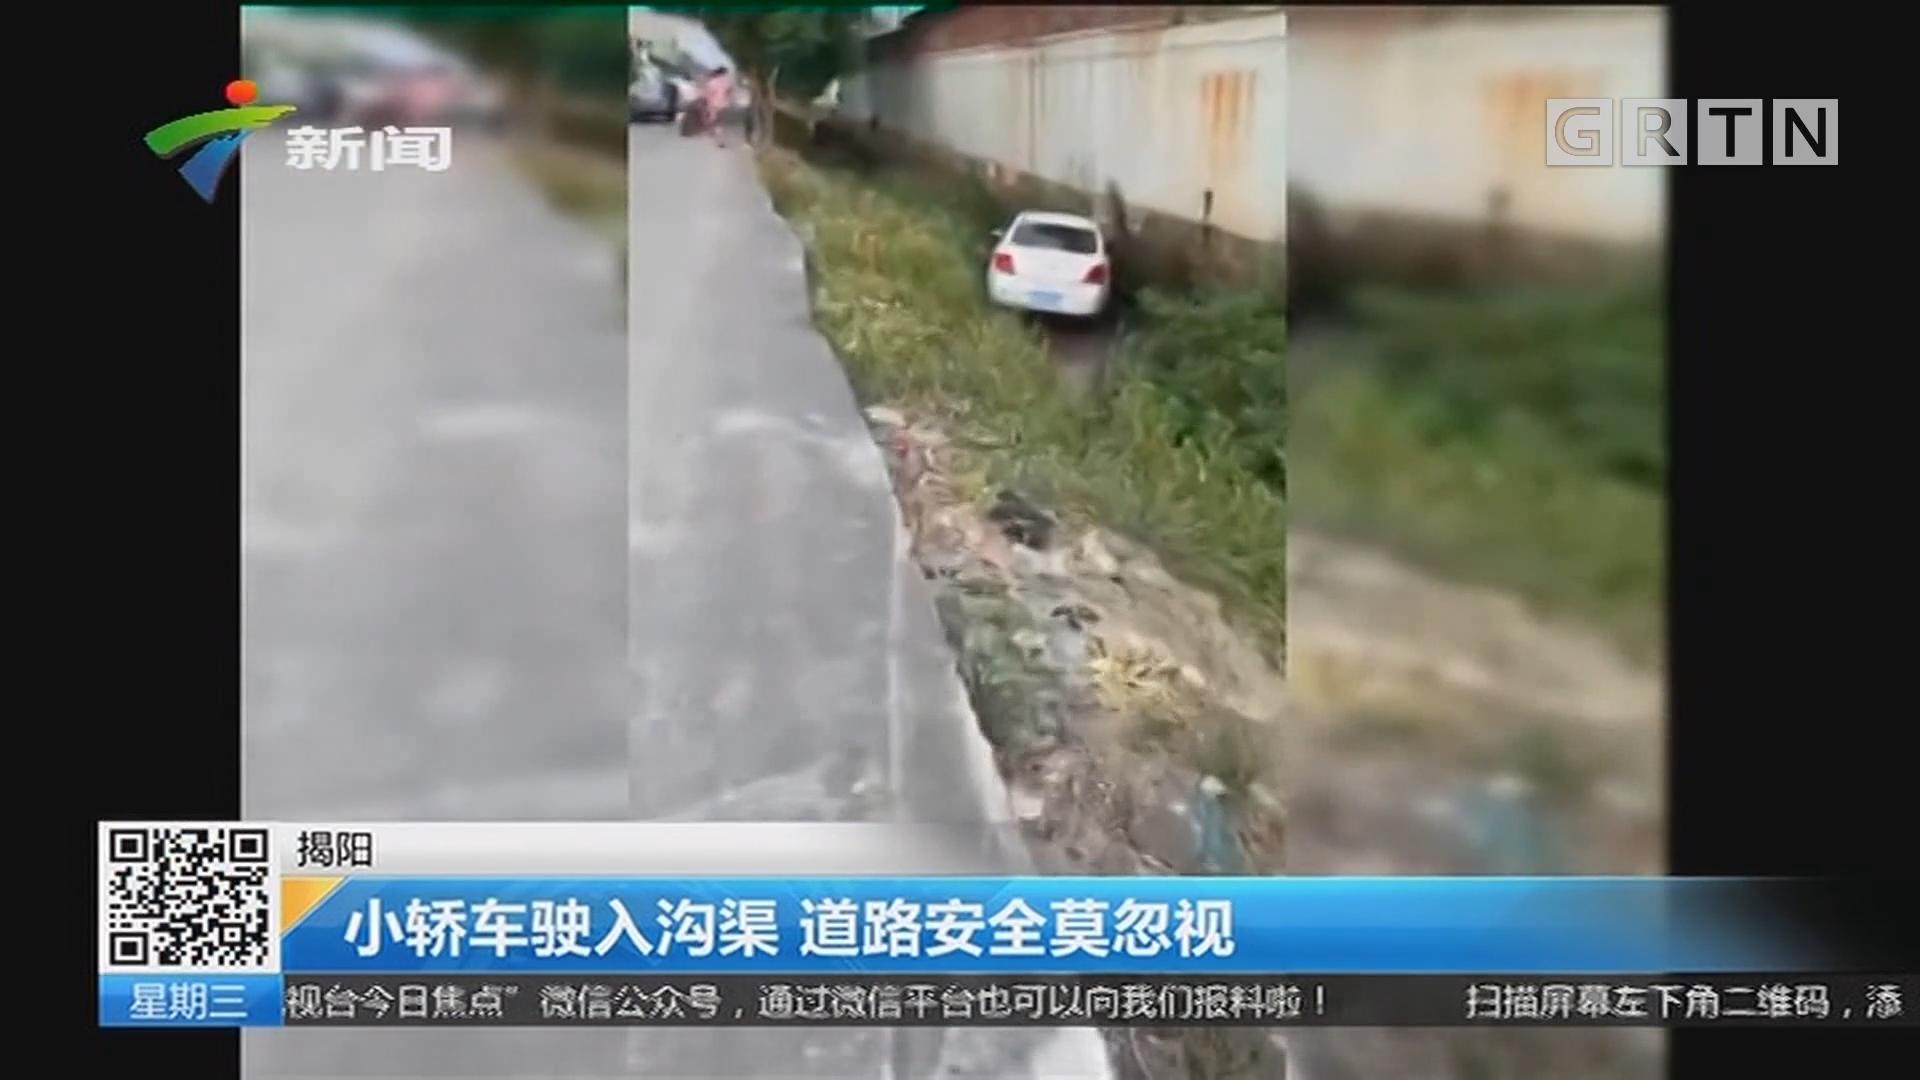 揭阳:小轿车驶入沟渠 道路安全莫忽视